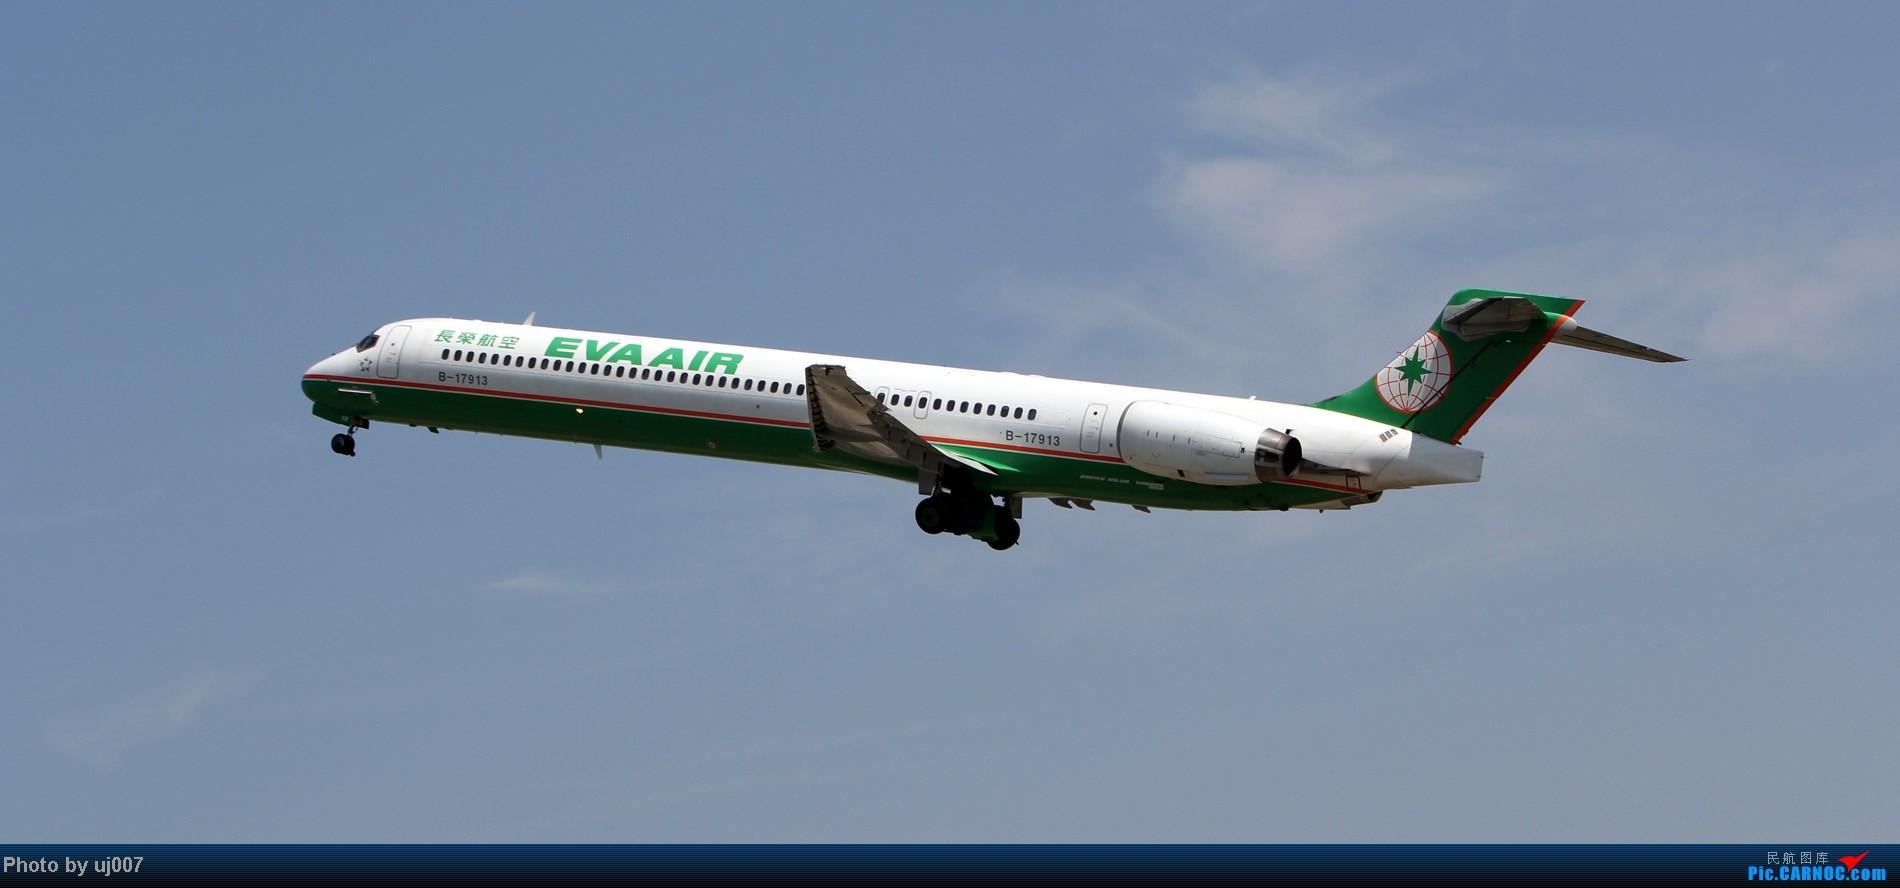 Re:[原创]10月2日白云拍机(大飞机,特别妆,外航,闪灯,擦烟)求指点. MCDONNELL DOUGLAS MD-90-30 B-17913 中国广州白云机场